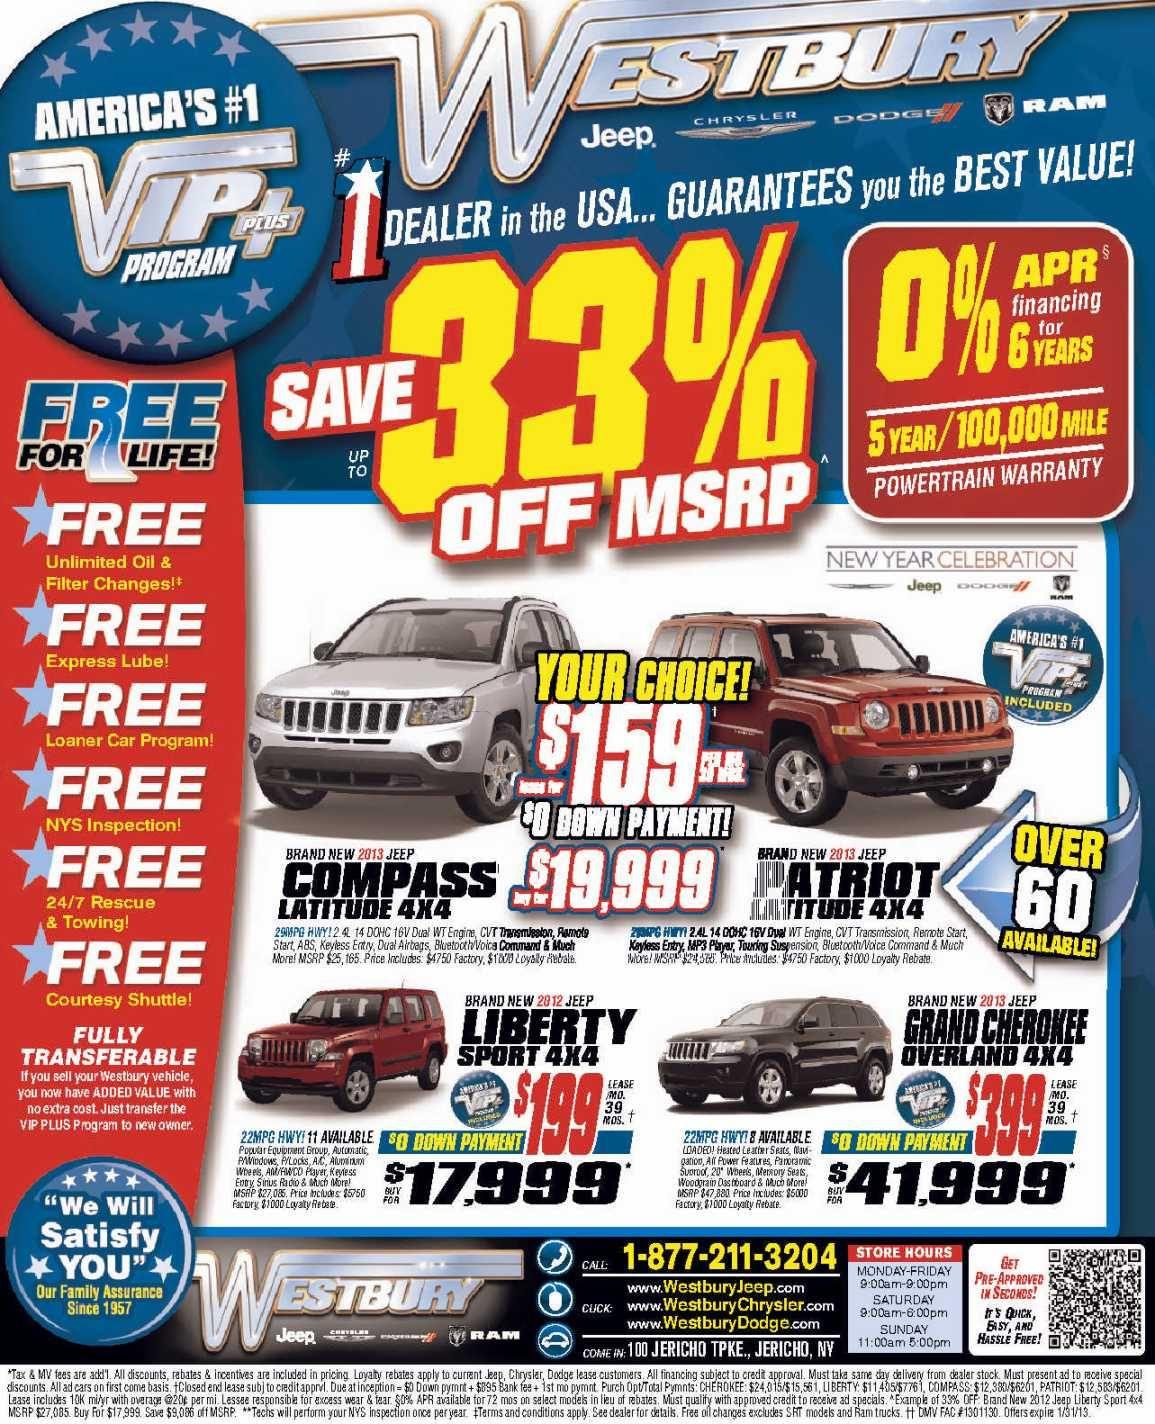 Long Island Jeep Lease Sale Long Island Jeep Dealer January 2013 2